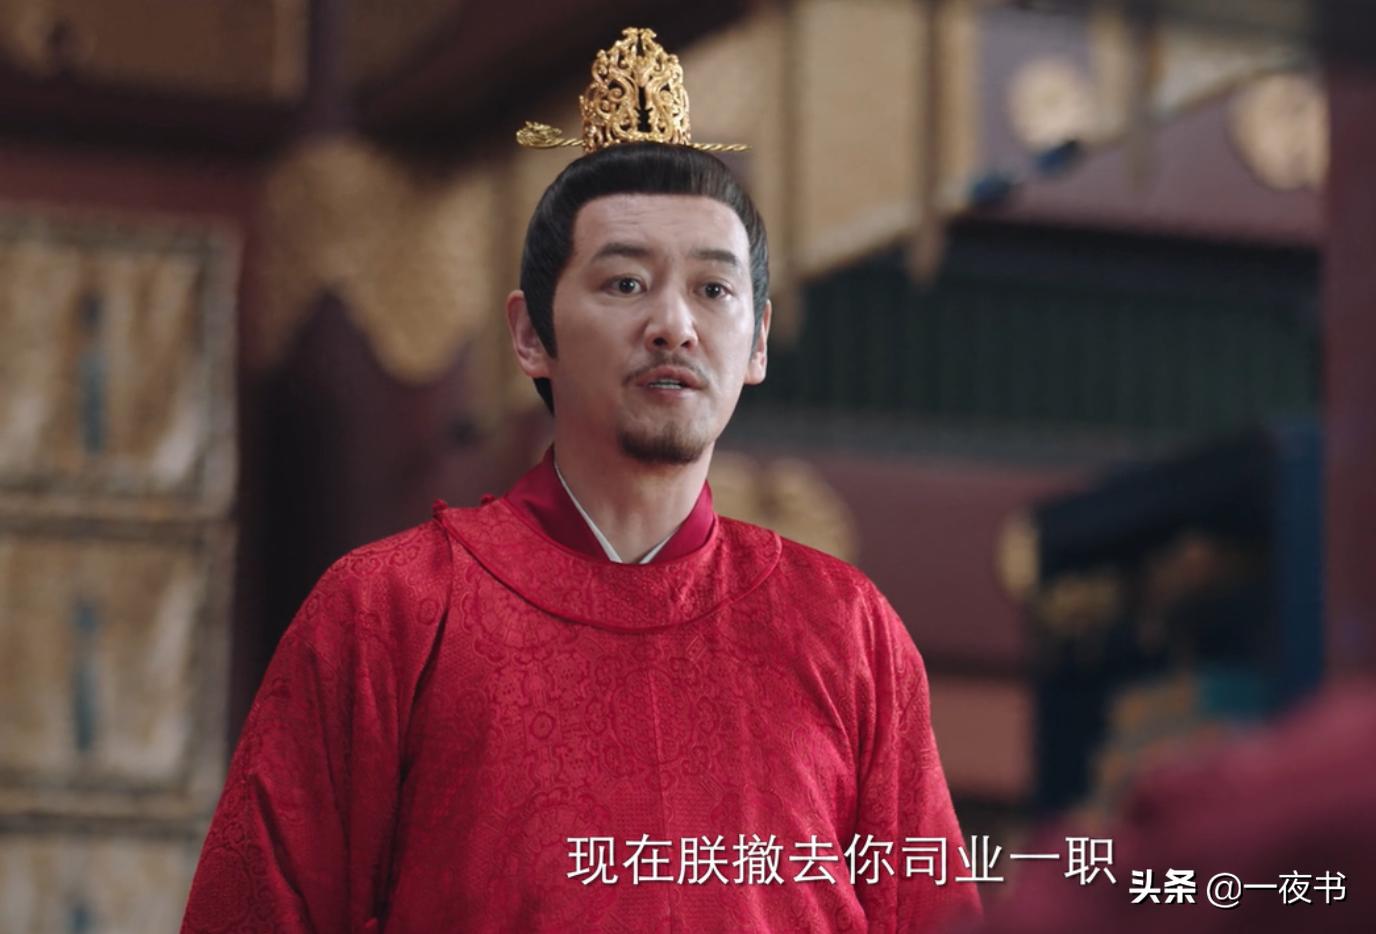 《国子监》卓文远篡夺皇位,宴云之也想挟天子以令诸侯?并非如此